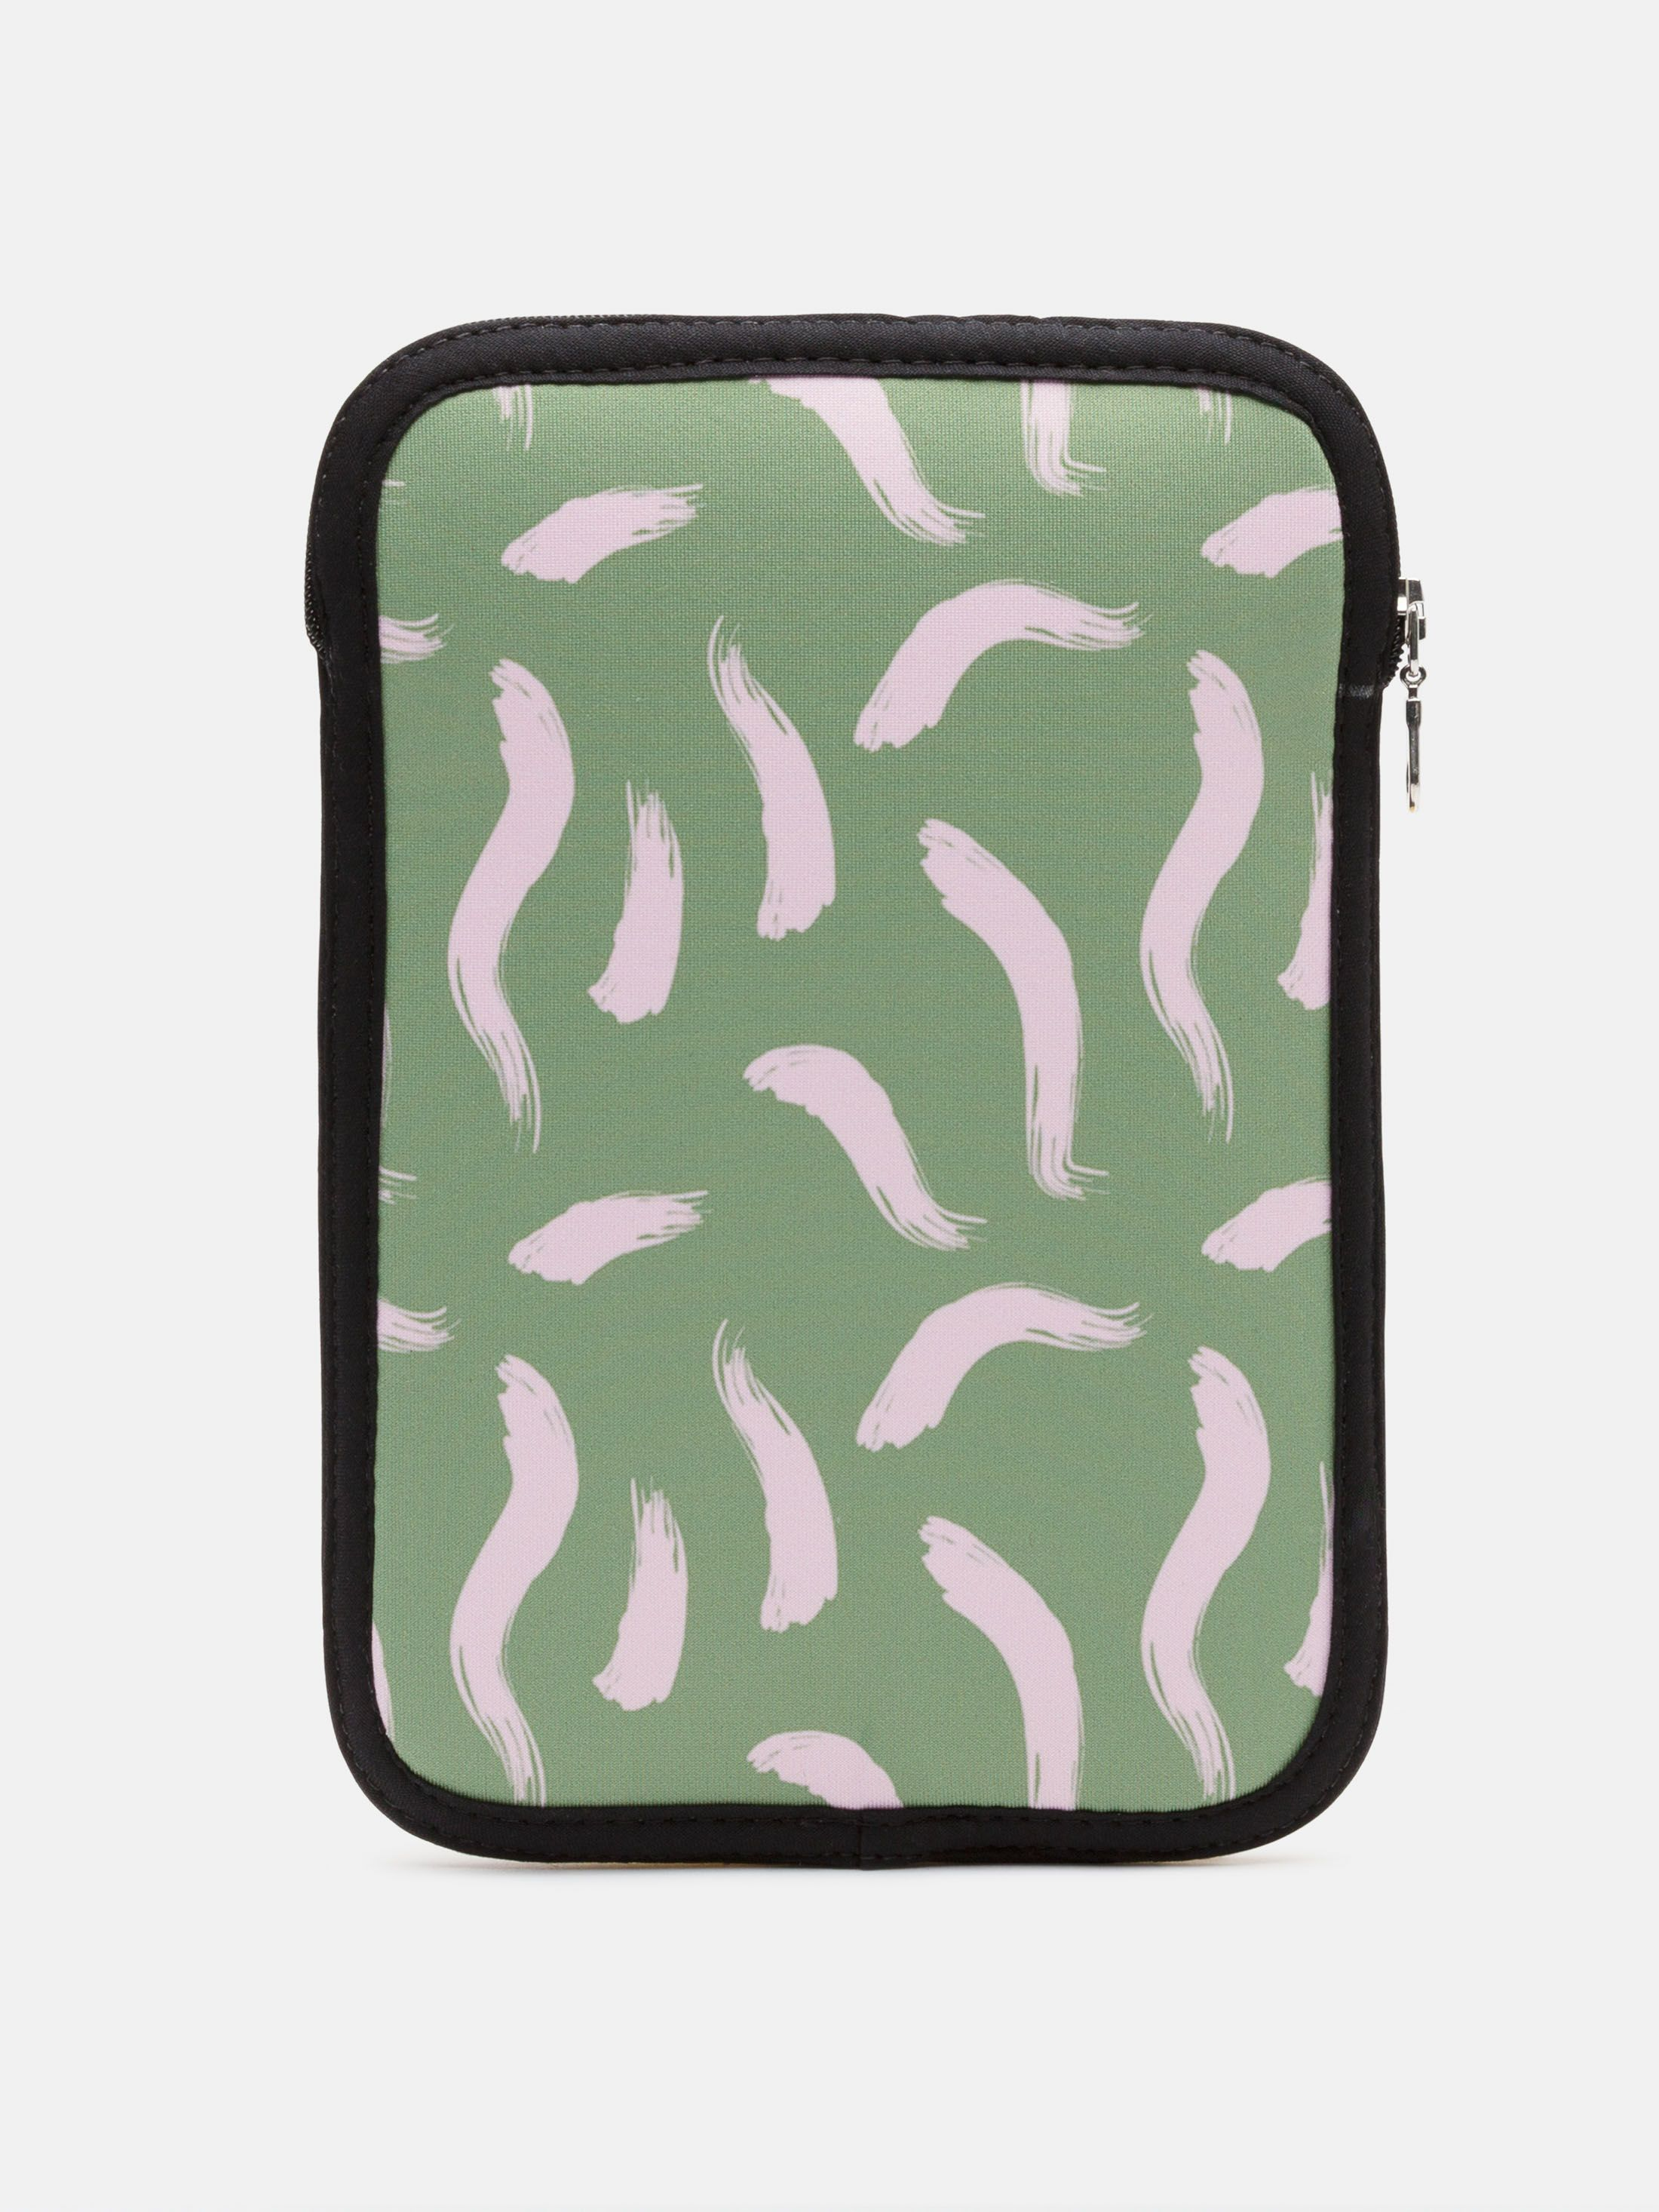 design your own ipad mini case